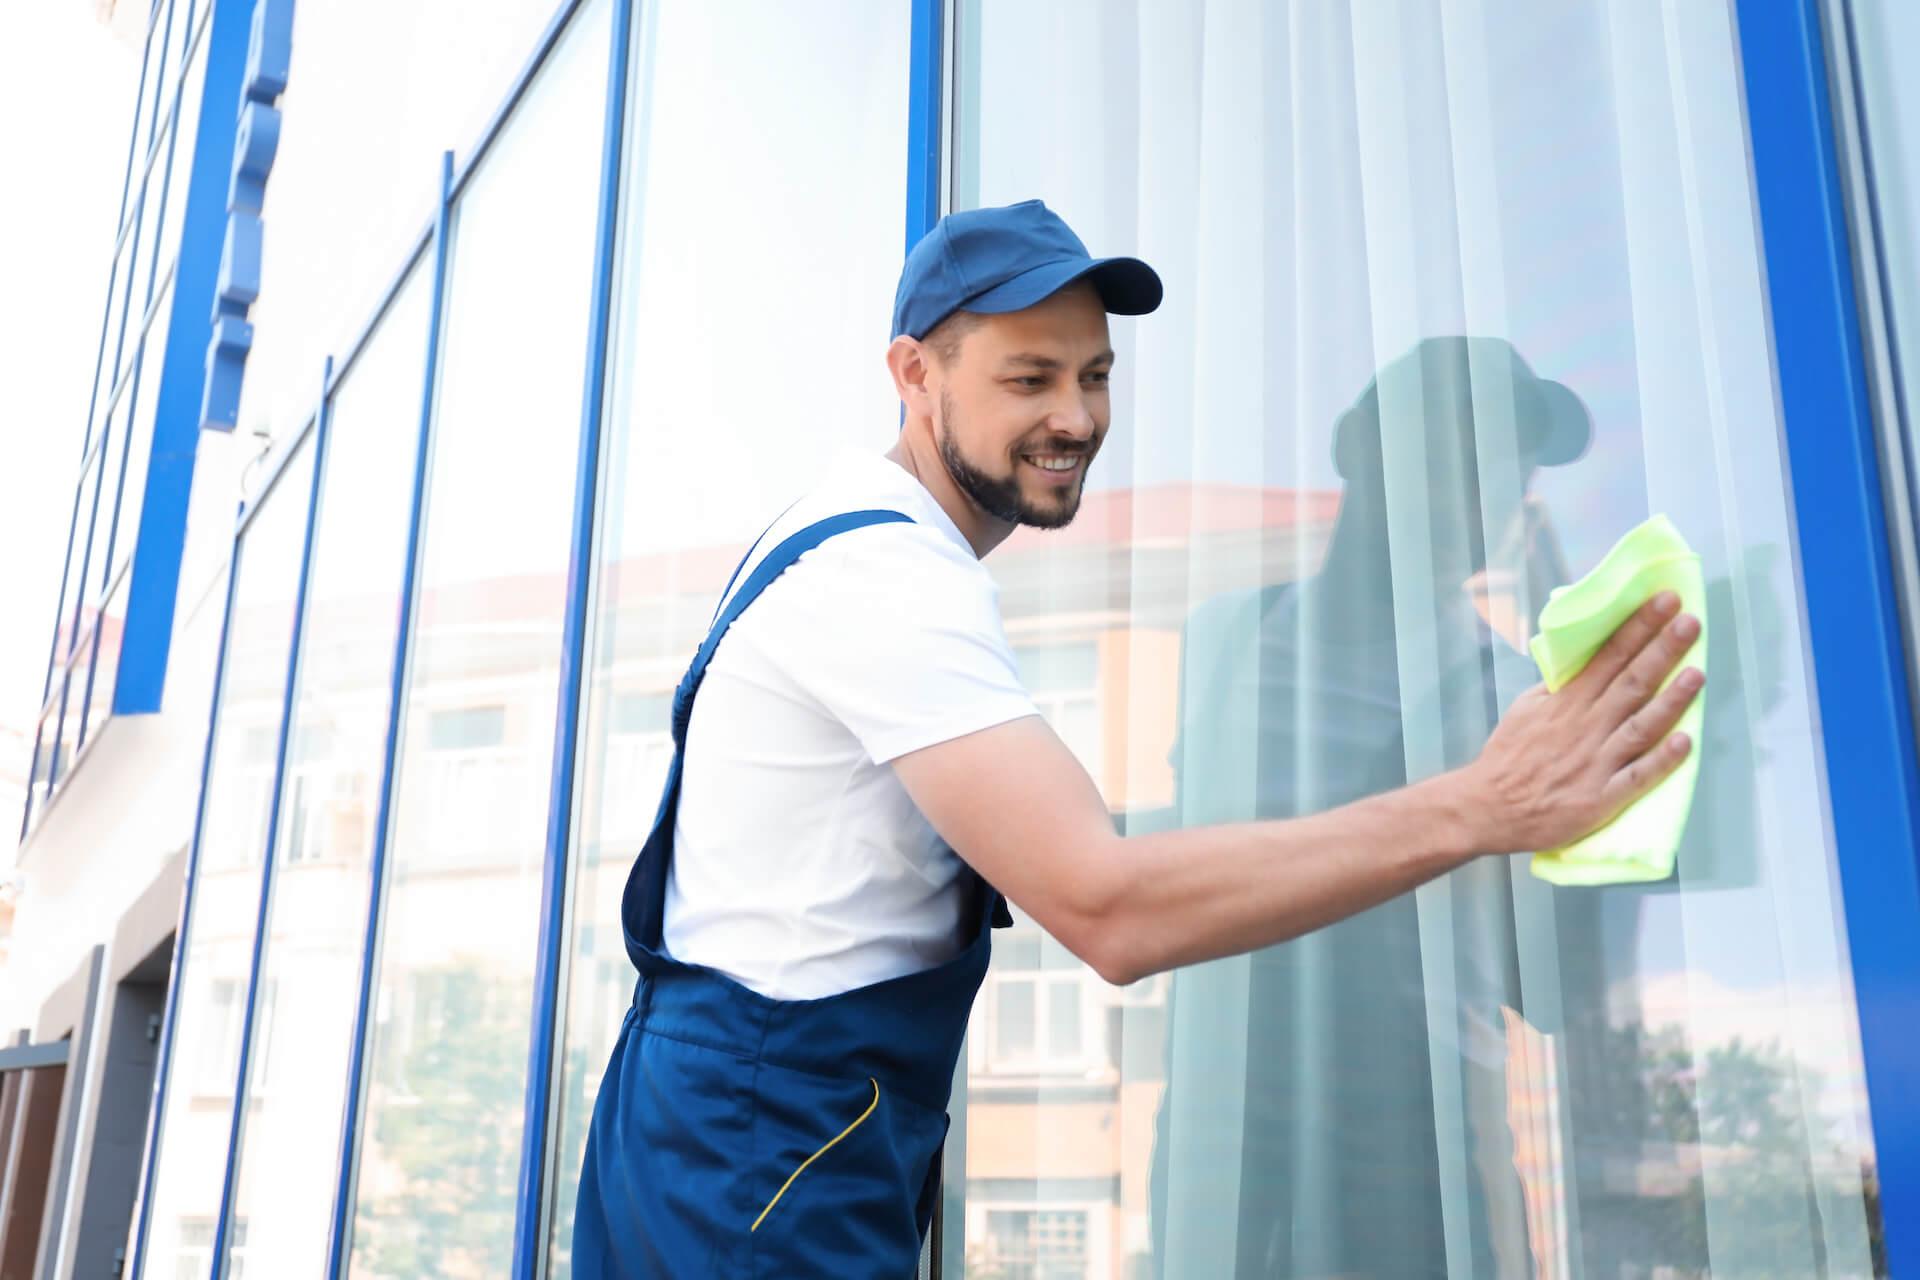 Gebäudereinigung & Fensterreinigung aus Olching Fürstenfeldbruck bei Müchen - Putzfrau am Fenster